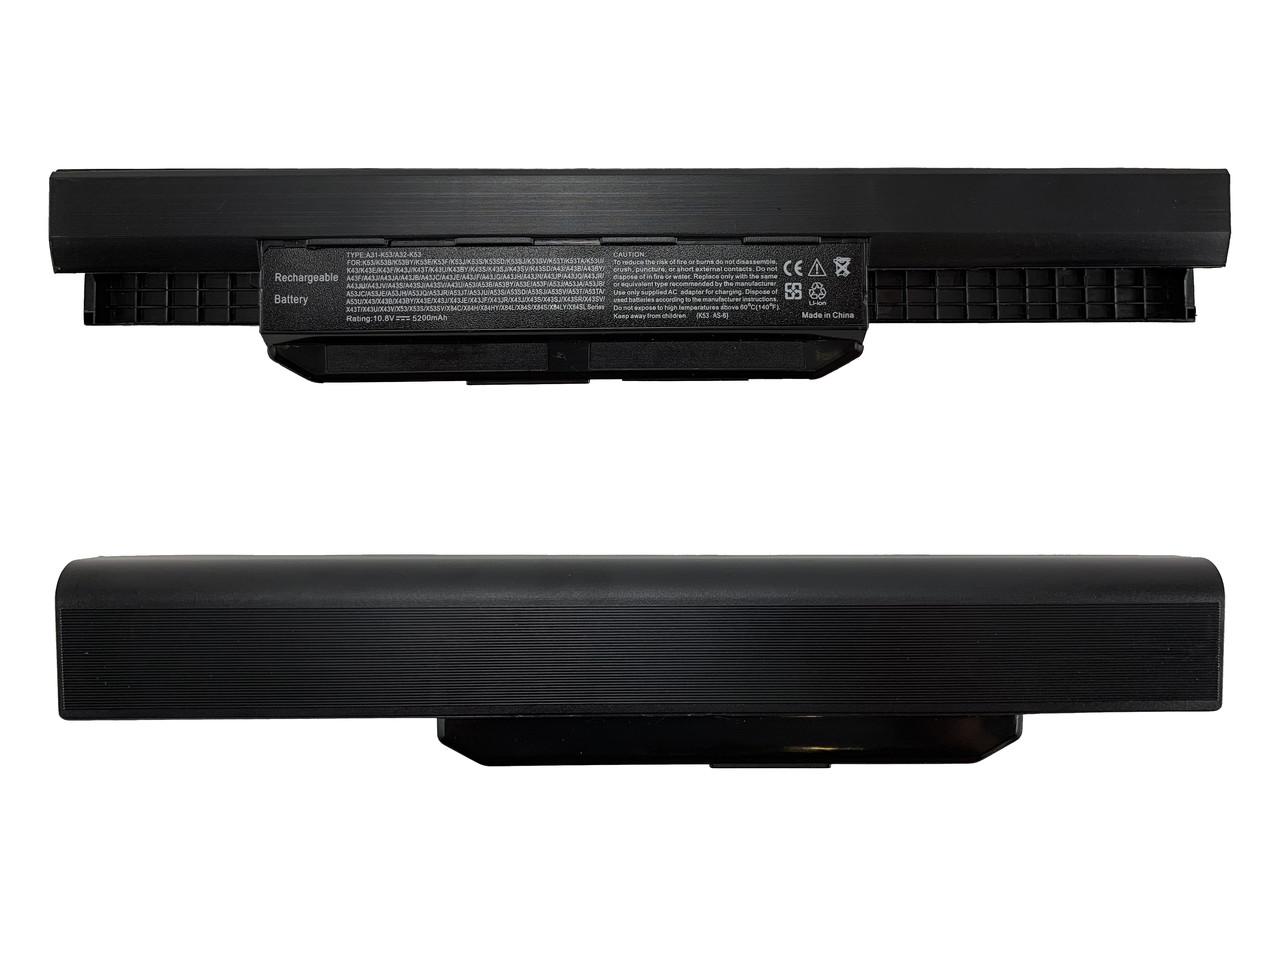 Батарея для ноутбука Asus A32-K53 (A43, A53, K43, K53, X53, X54) 10.8V 5200mAh